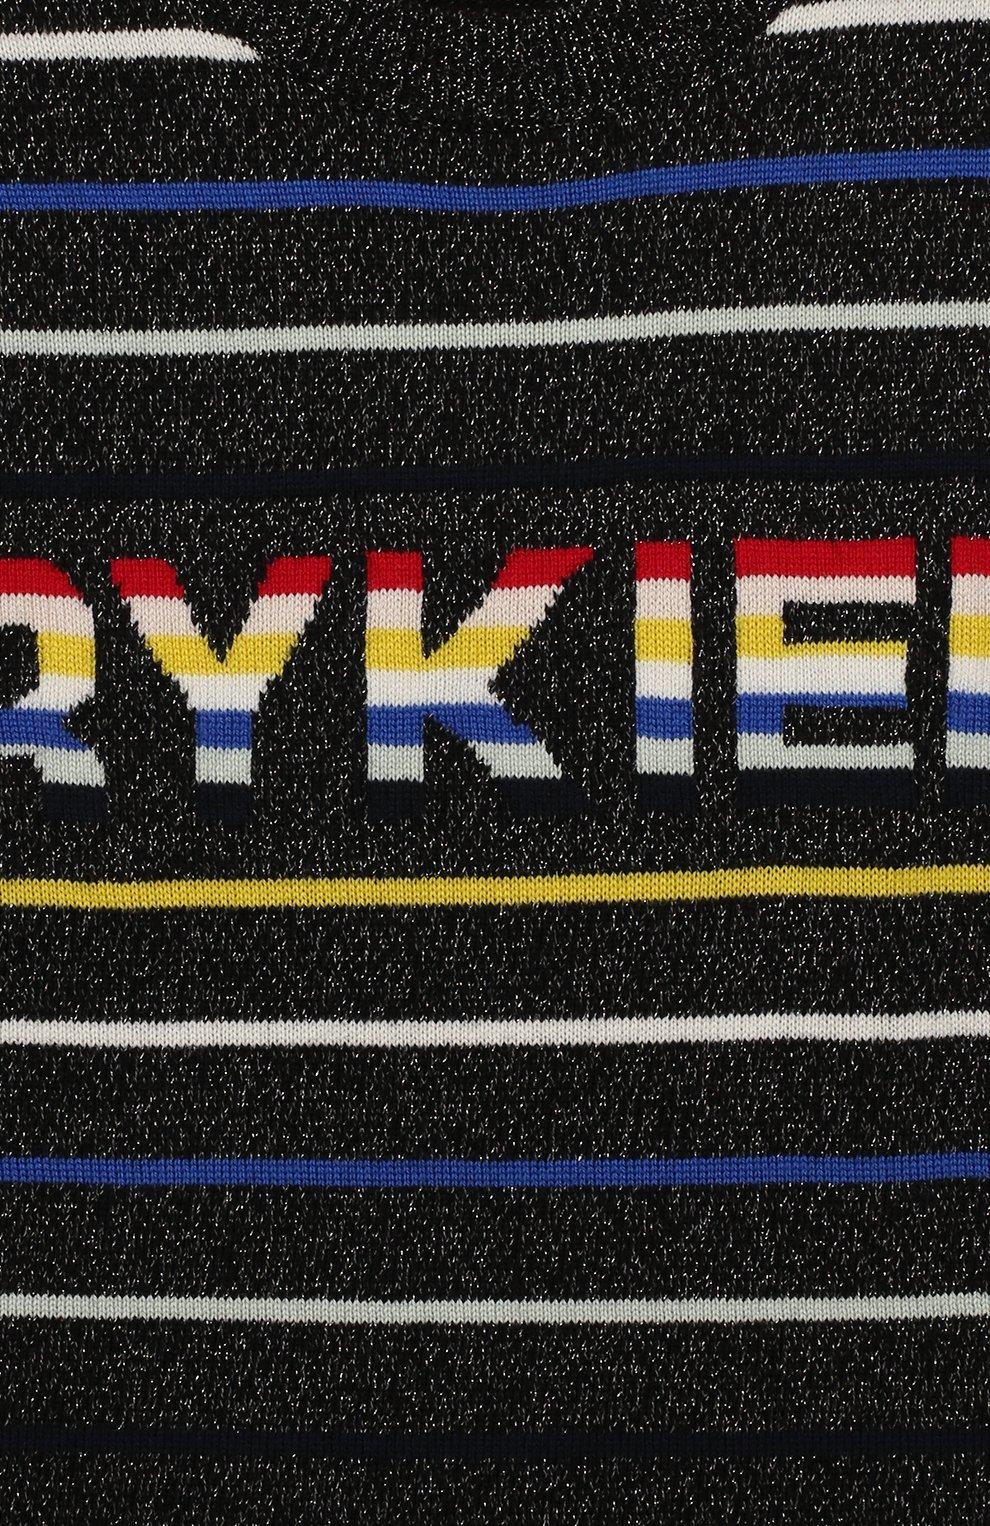 Детское платье из хлопка и шерсти SONIA RYKIEL ENFANT разноцветного цвета, арт. 19W1DR03 | Фото 3 (Материал внешний: Шерсть, Хлопок; Рукава: Длинные; Статус проверки: Проверено; Ростовка одежда: 13 - 15 лет | 158 см)